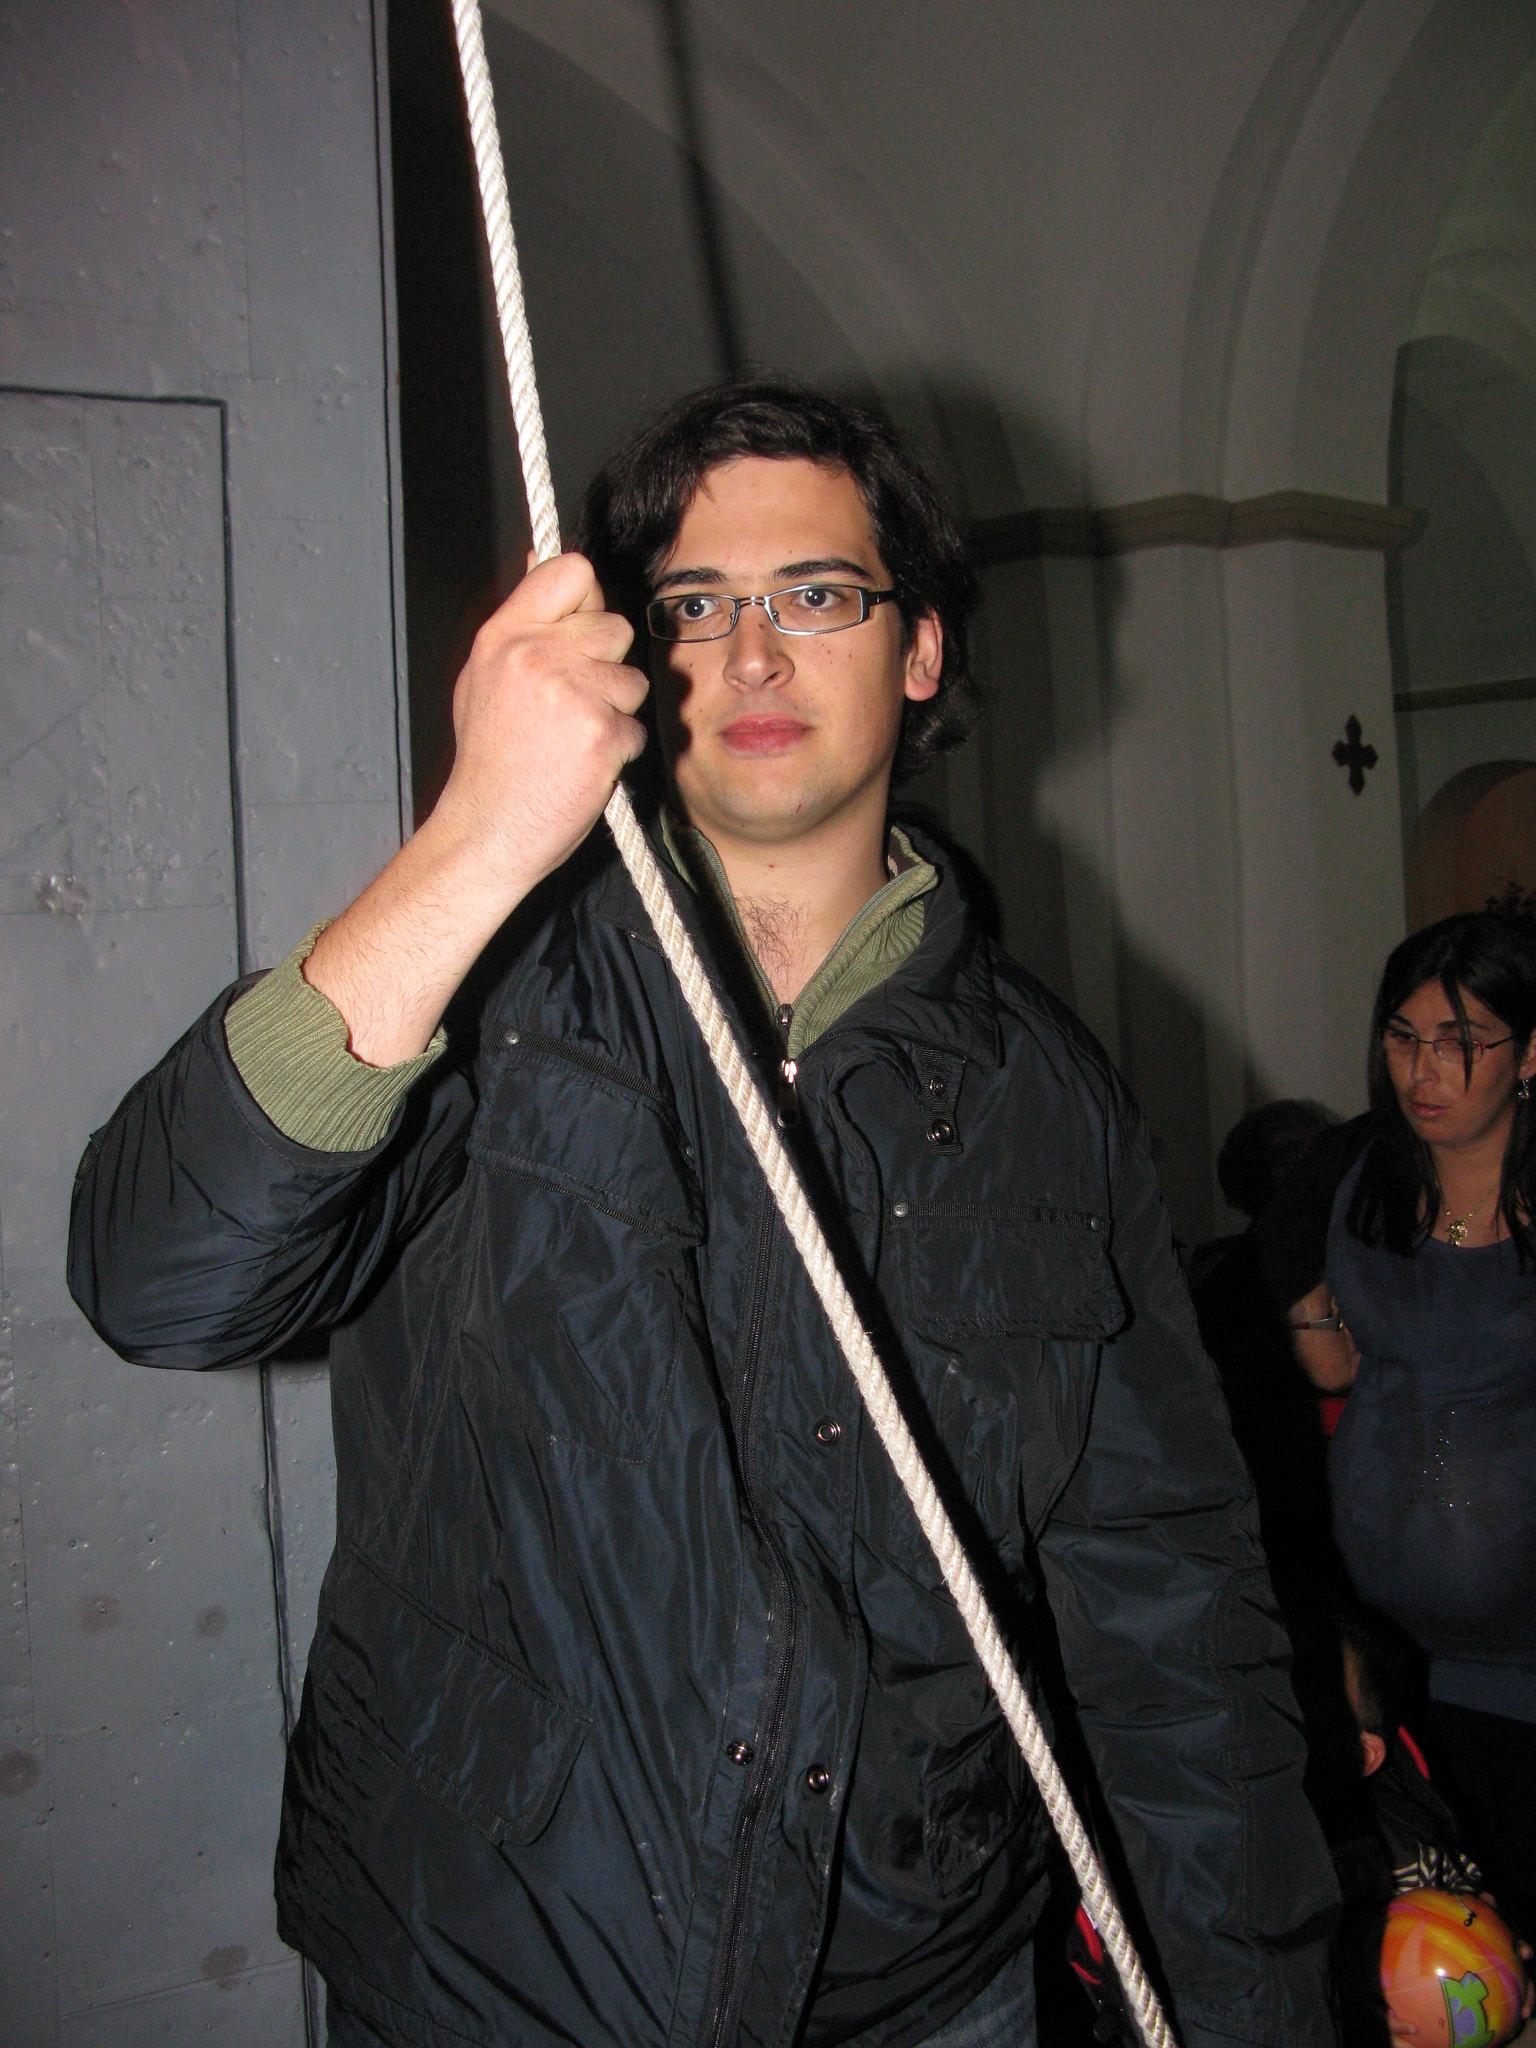 (2011-04-15) - II Vía Crucis nocturno -  Antonio Verdú Navarro (03)